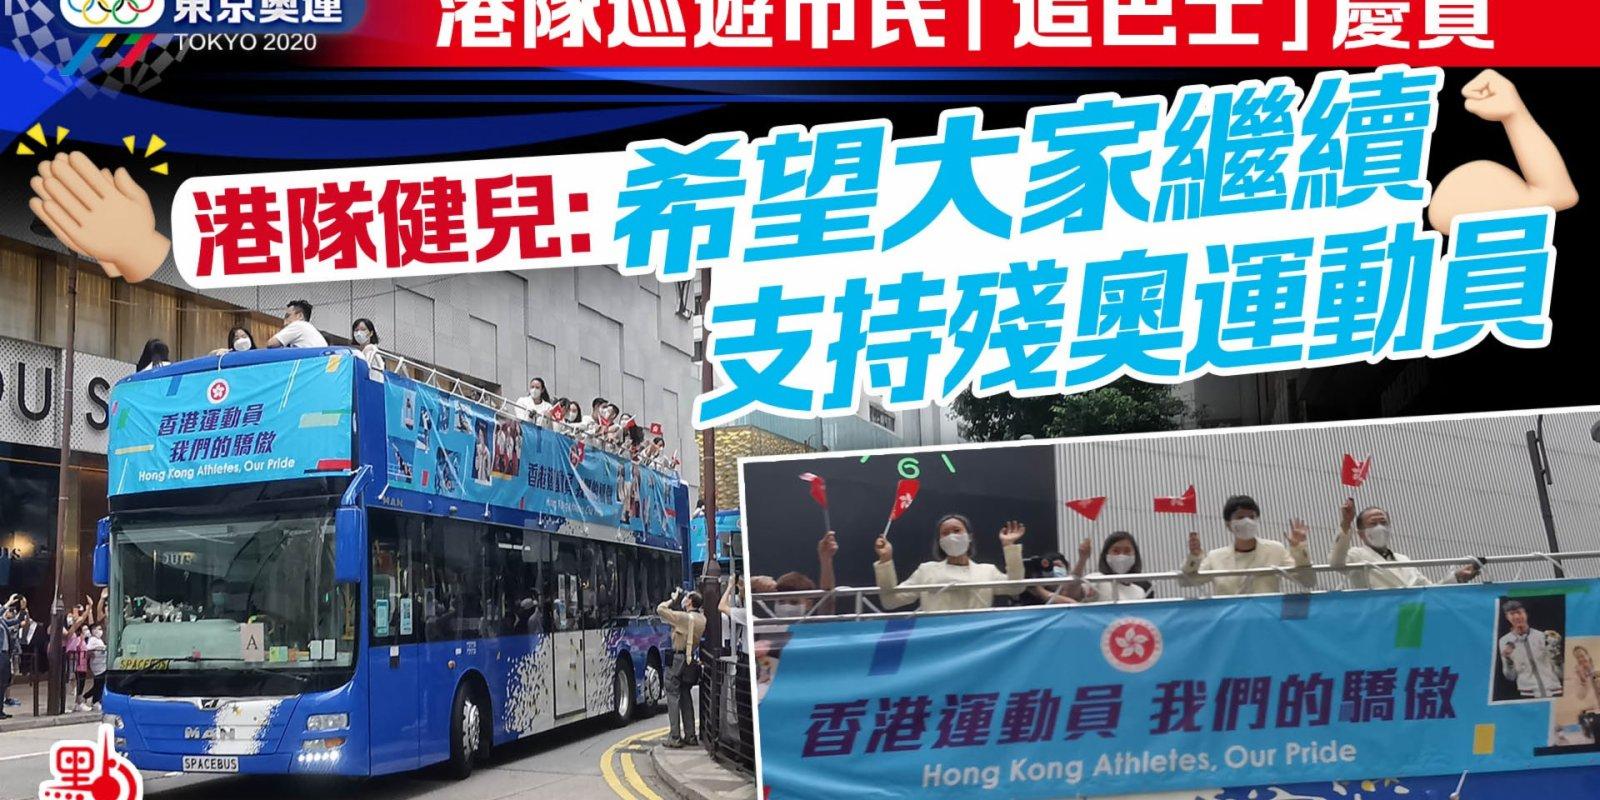 港隊巡遊市民「追巴士」慶賀 港隊健兒:希望大家繼續支持殘奧運動員